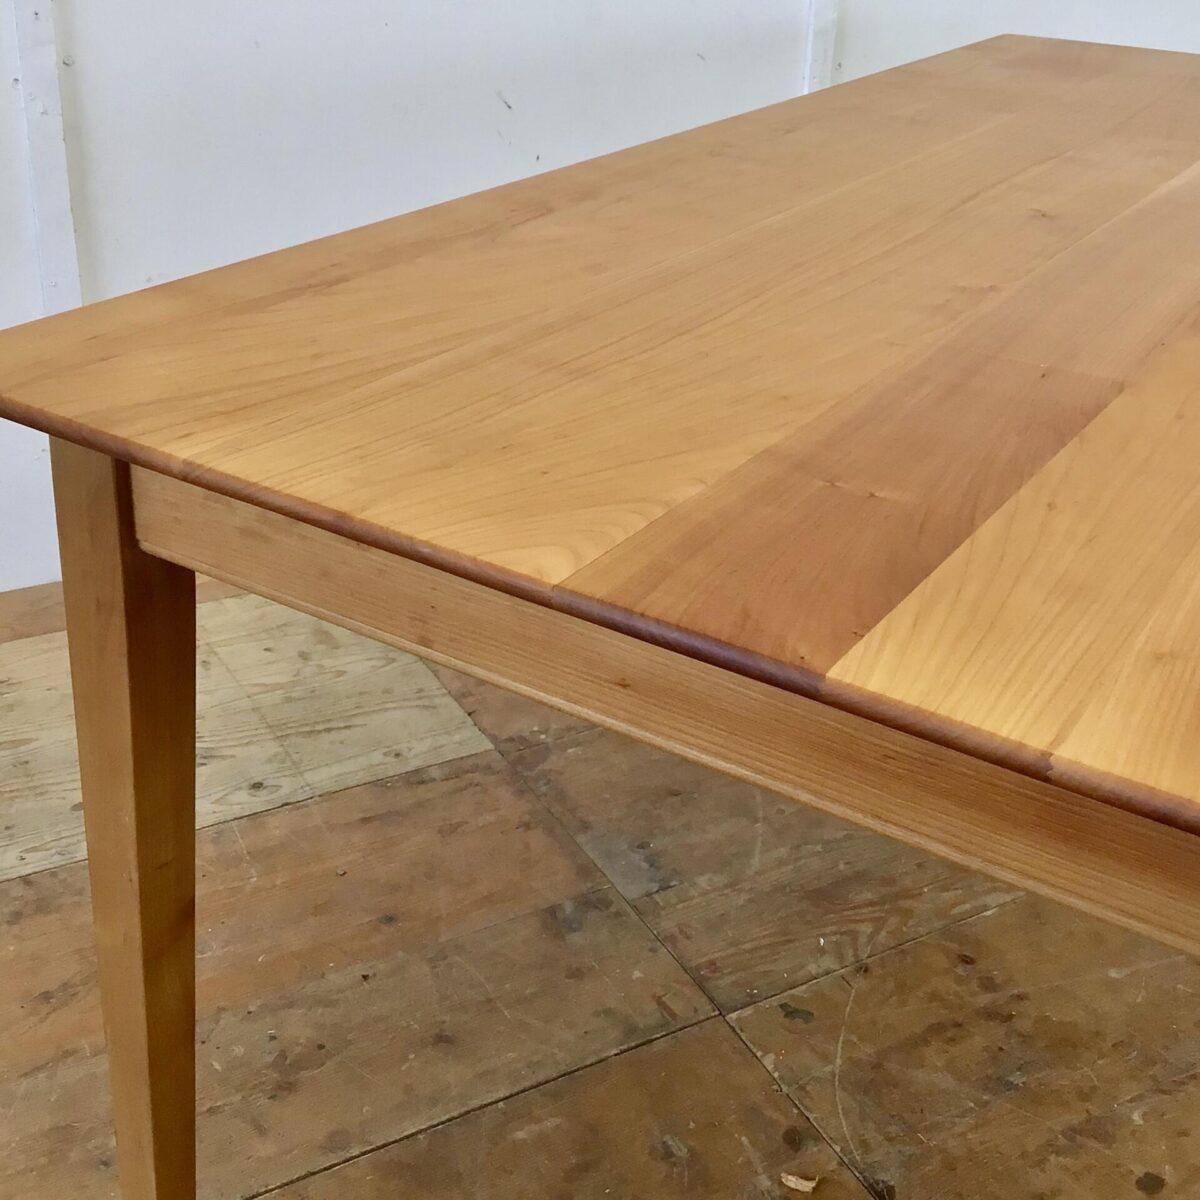 Schlichter Esstisch aus Kirschbaum Vollholz. 180x89.5cm Höhe 75.5cm. Dieser Holztisch ist relativ neu aber sehr hochwertig verarbeitet. Die Kanten sind von unten verjüngt was ihn recht leicht ausschauen lässt, trotz dem 3cm dicken Tischblatt. Der Tisch ist mit Naturöl behandelt.